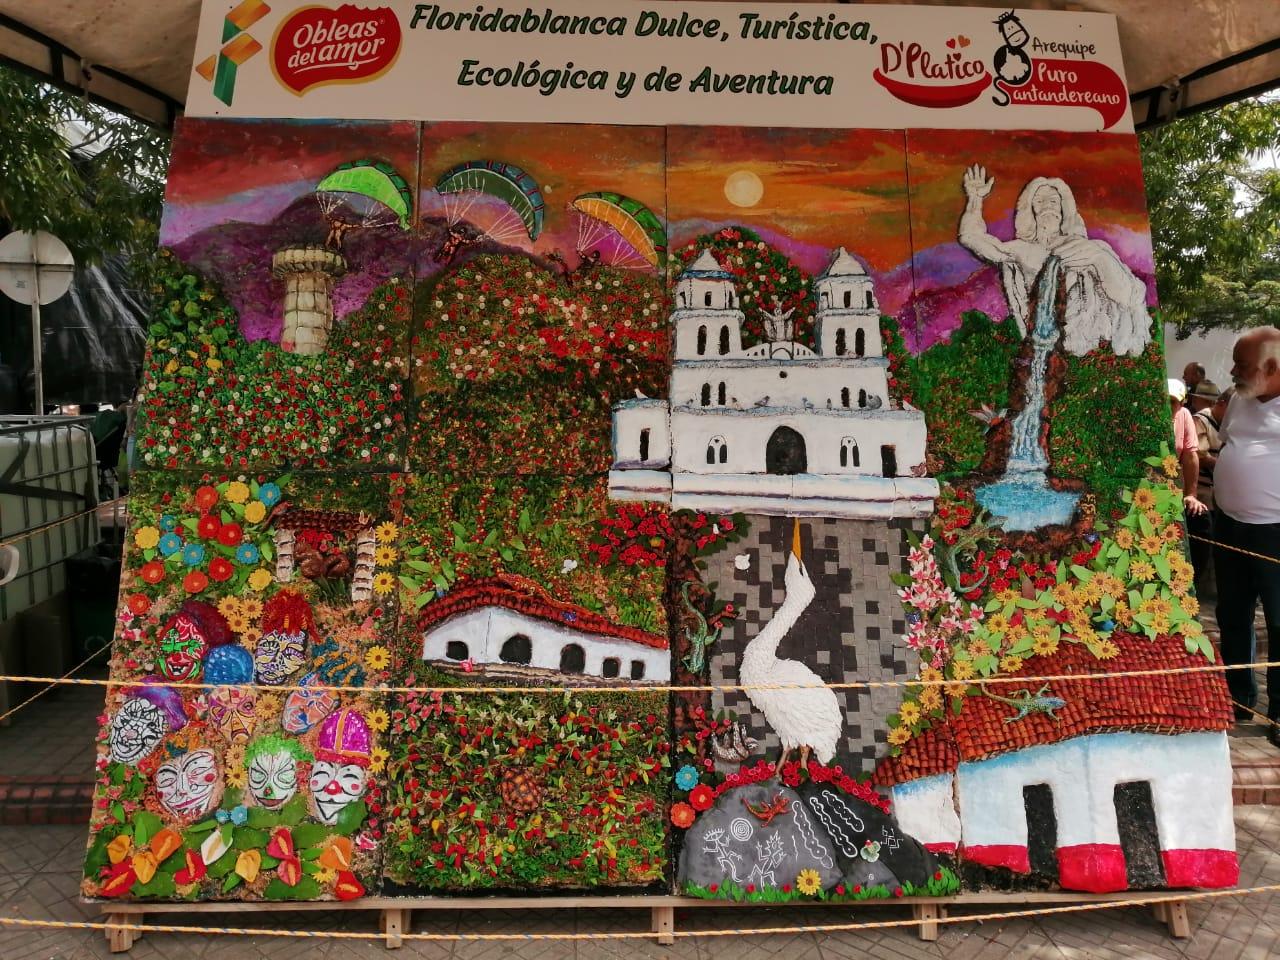 En Floridablanca (Santander) elaboraron el dulce más grande del mundo - RCN Radio